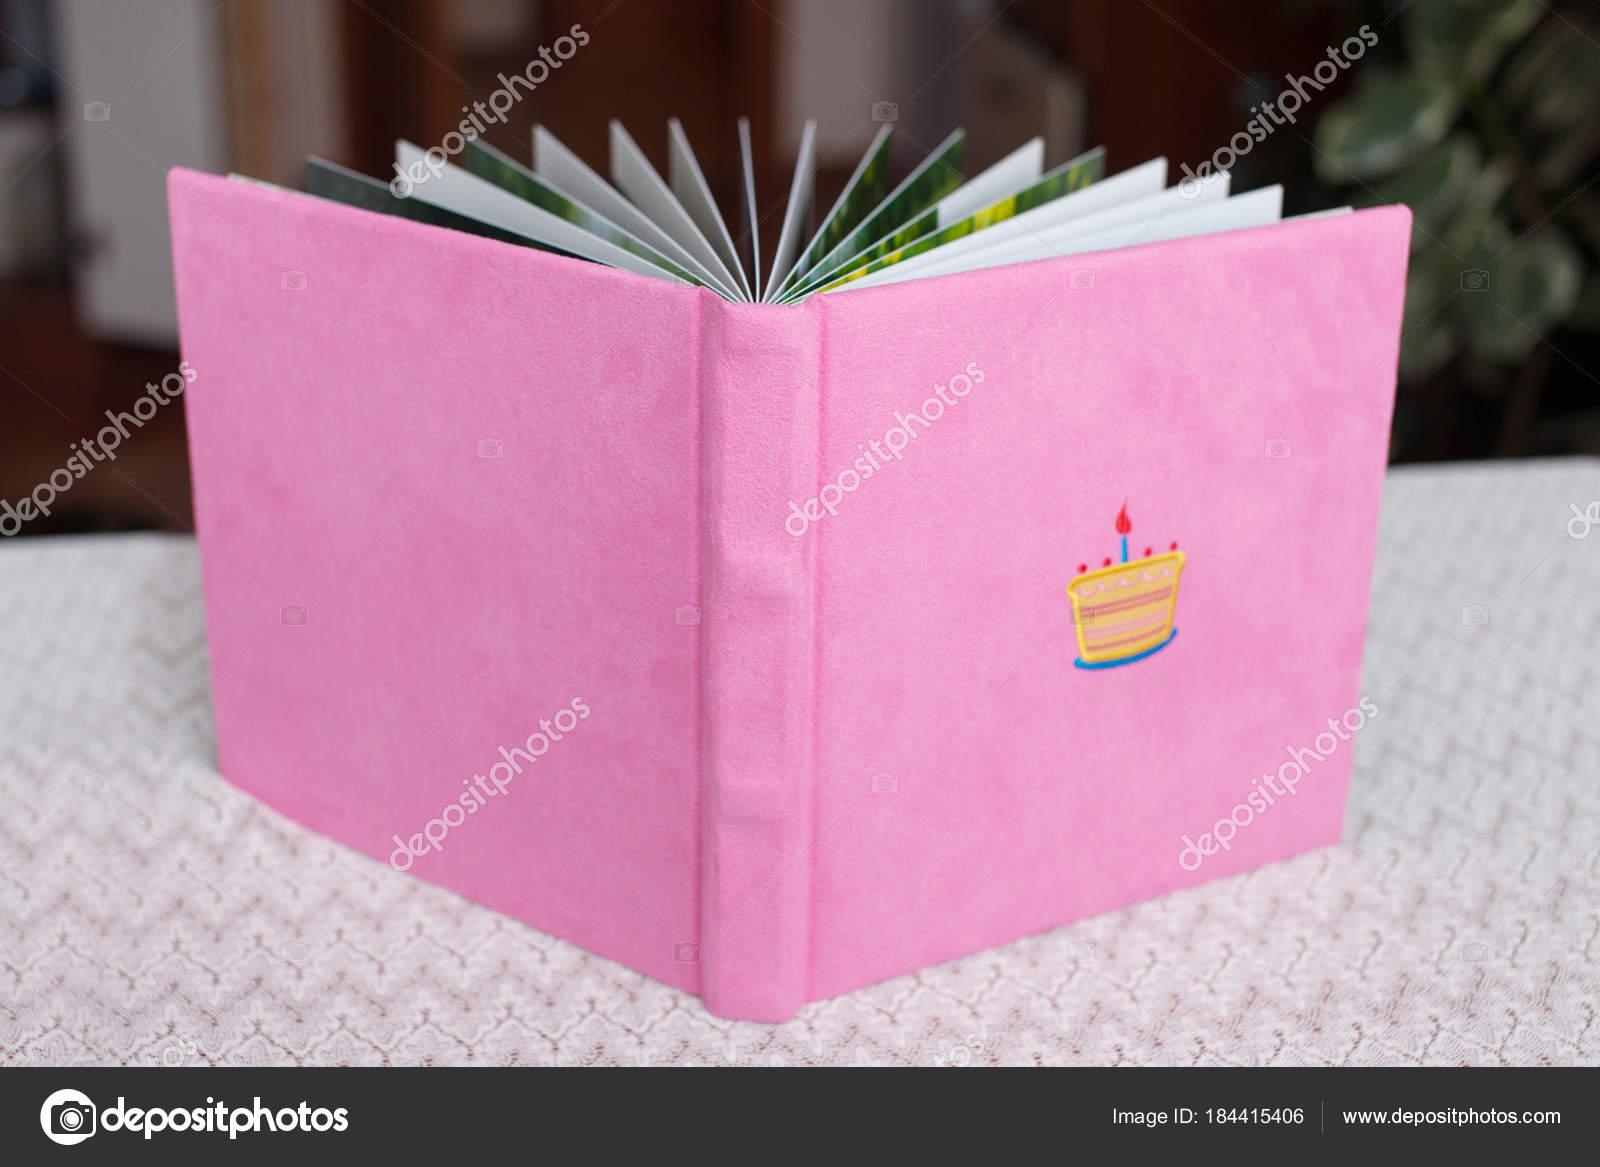 cb9f48bfb Krásné fotoknihy ve světle růžový textilní obal. Dětská fotoalba s  dekorativní výšivkou narozeninový dort. Nízká hloubka ostrosti — Fotografie  od ...